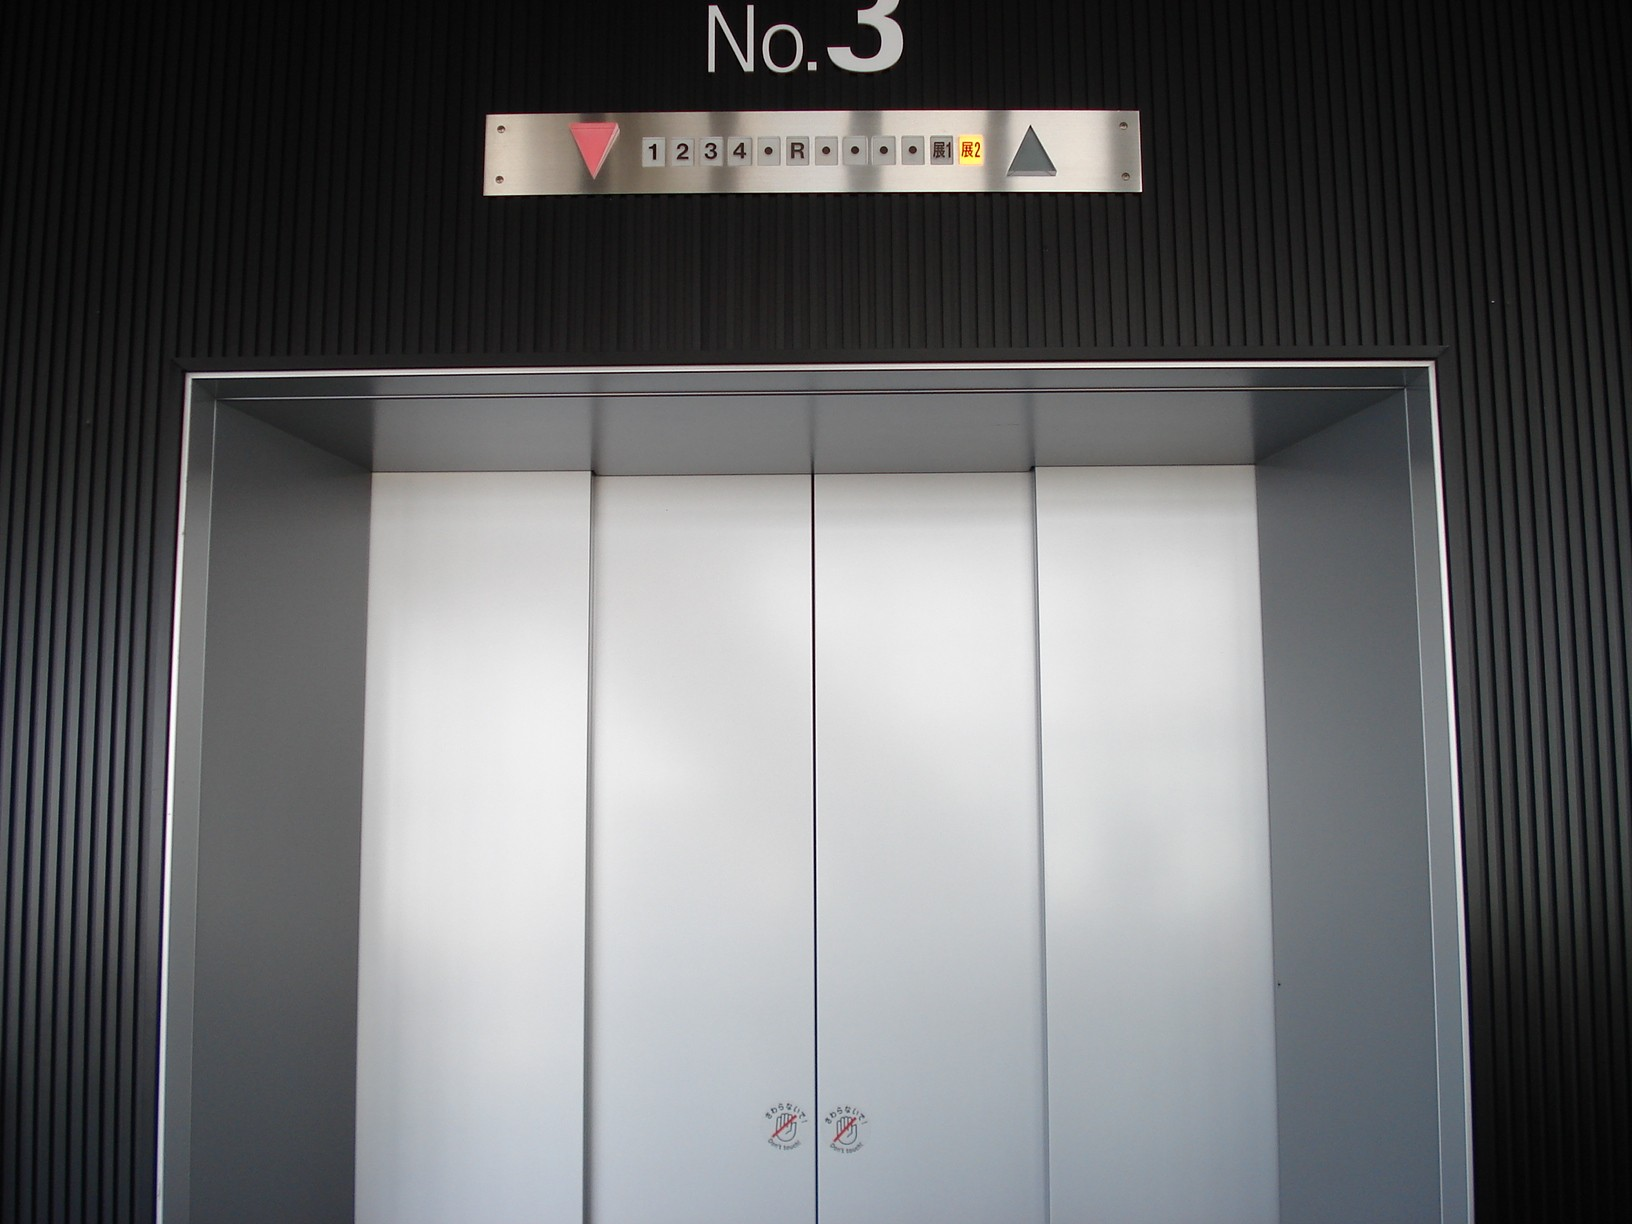 映画『悪夢のエレベーター』公式ブログ 10/10(土)全国ロードショー悪夢のエレベーター ~このウソ、ホントにキリがない。~                akumu_elevator